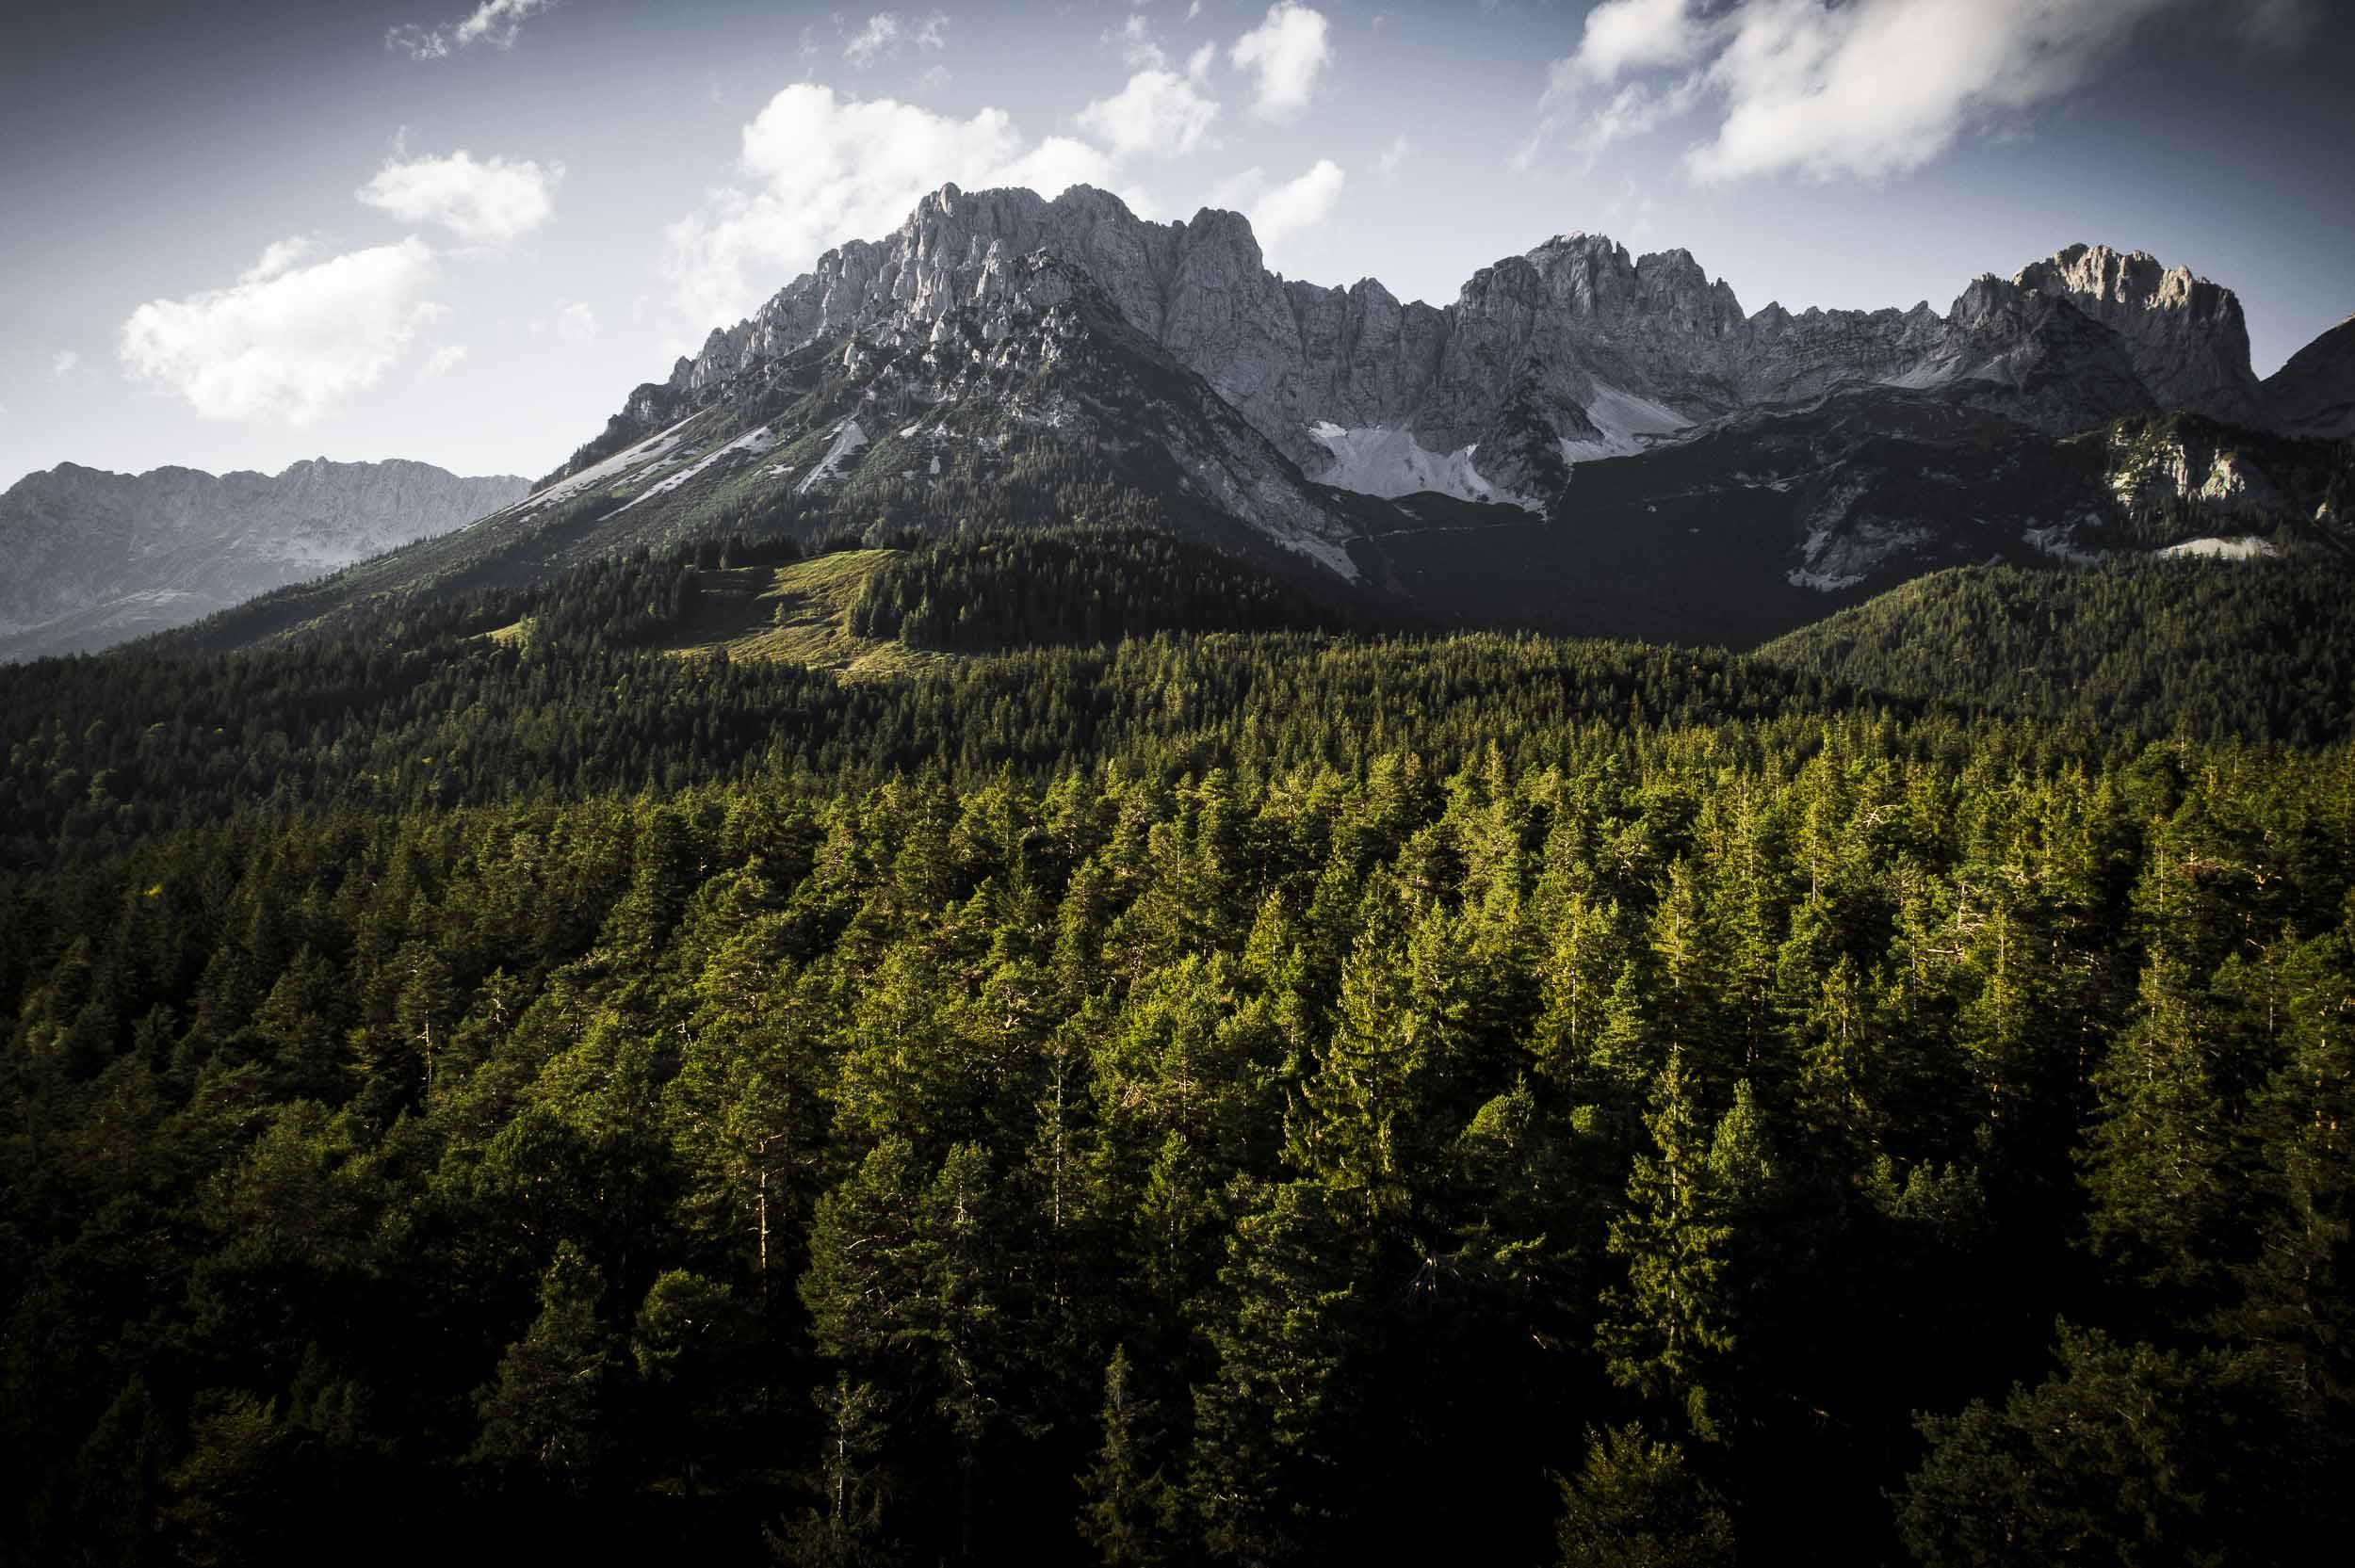 Waldstück am Fuße des Wilden Kaisers.